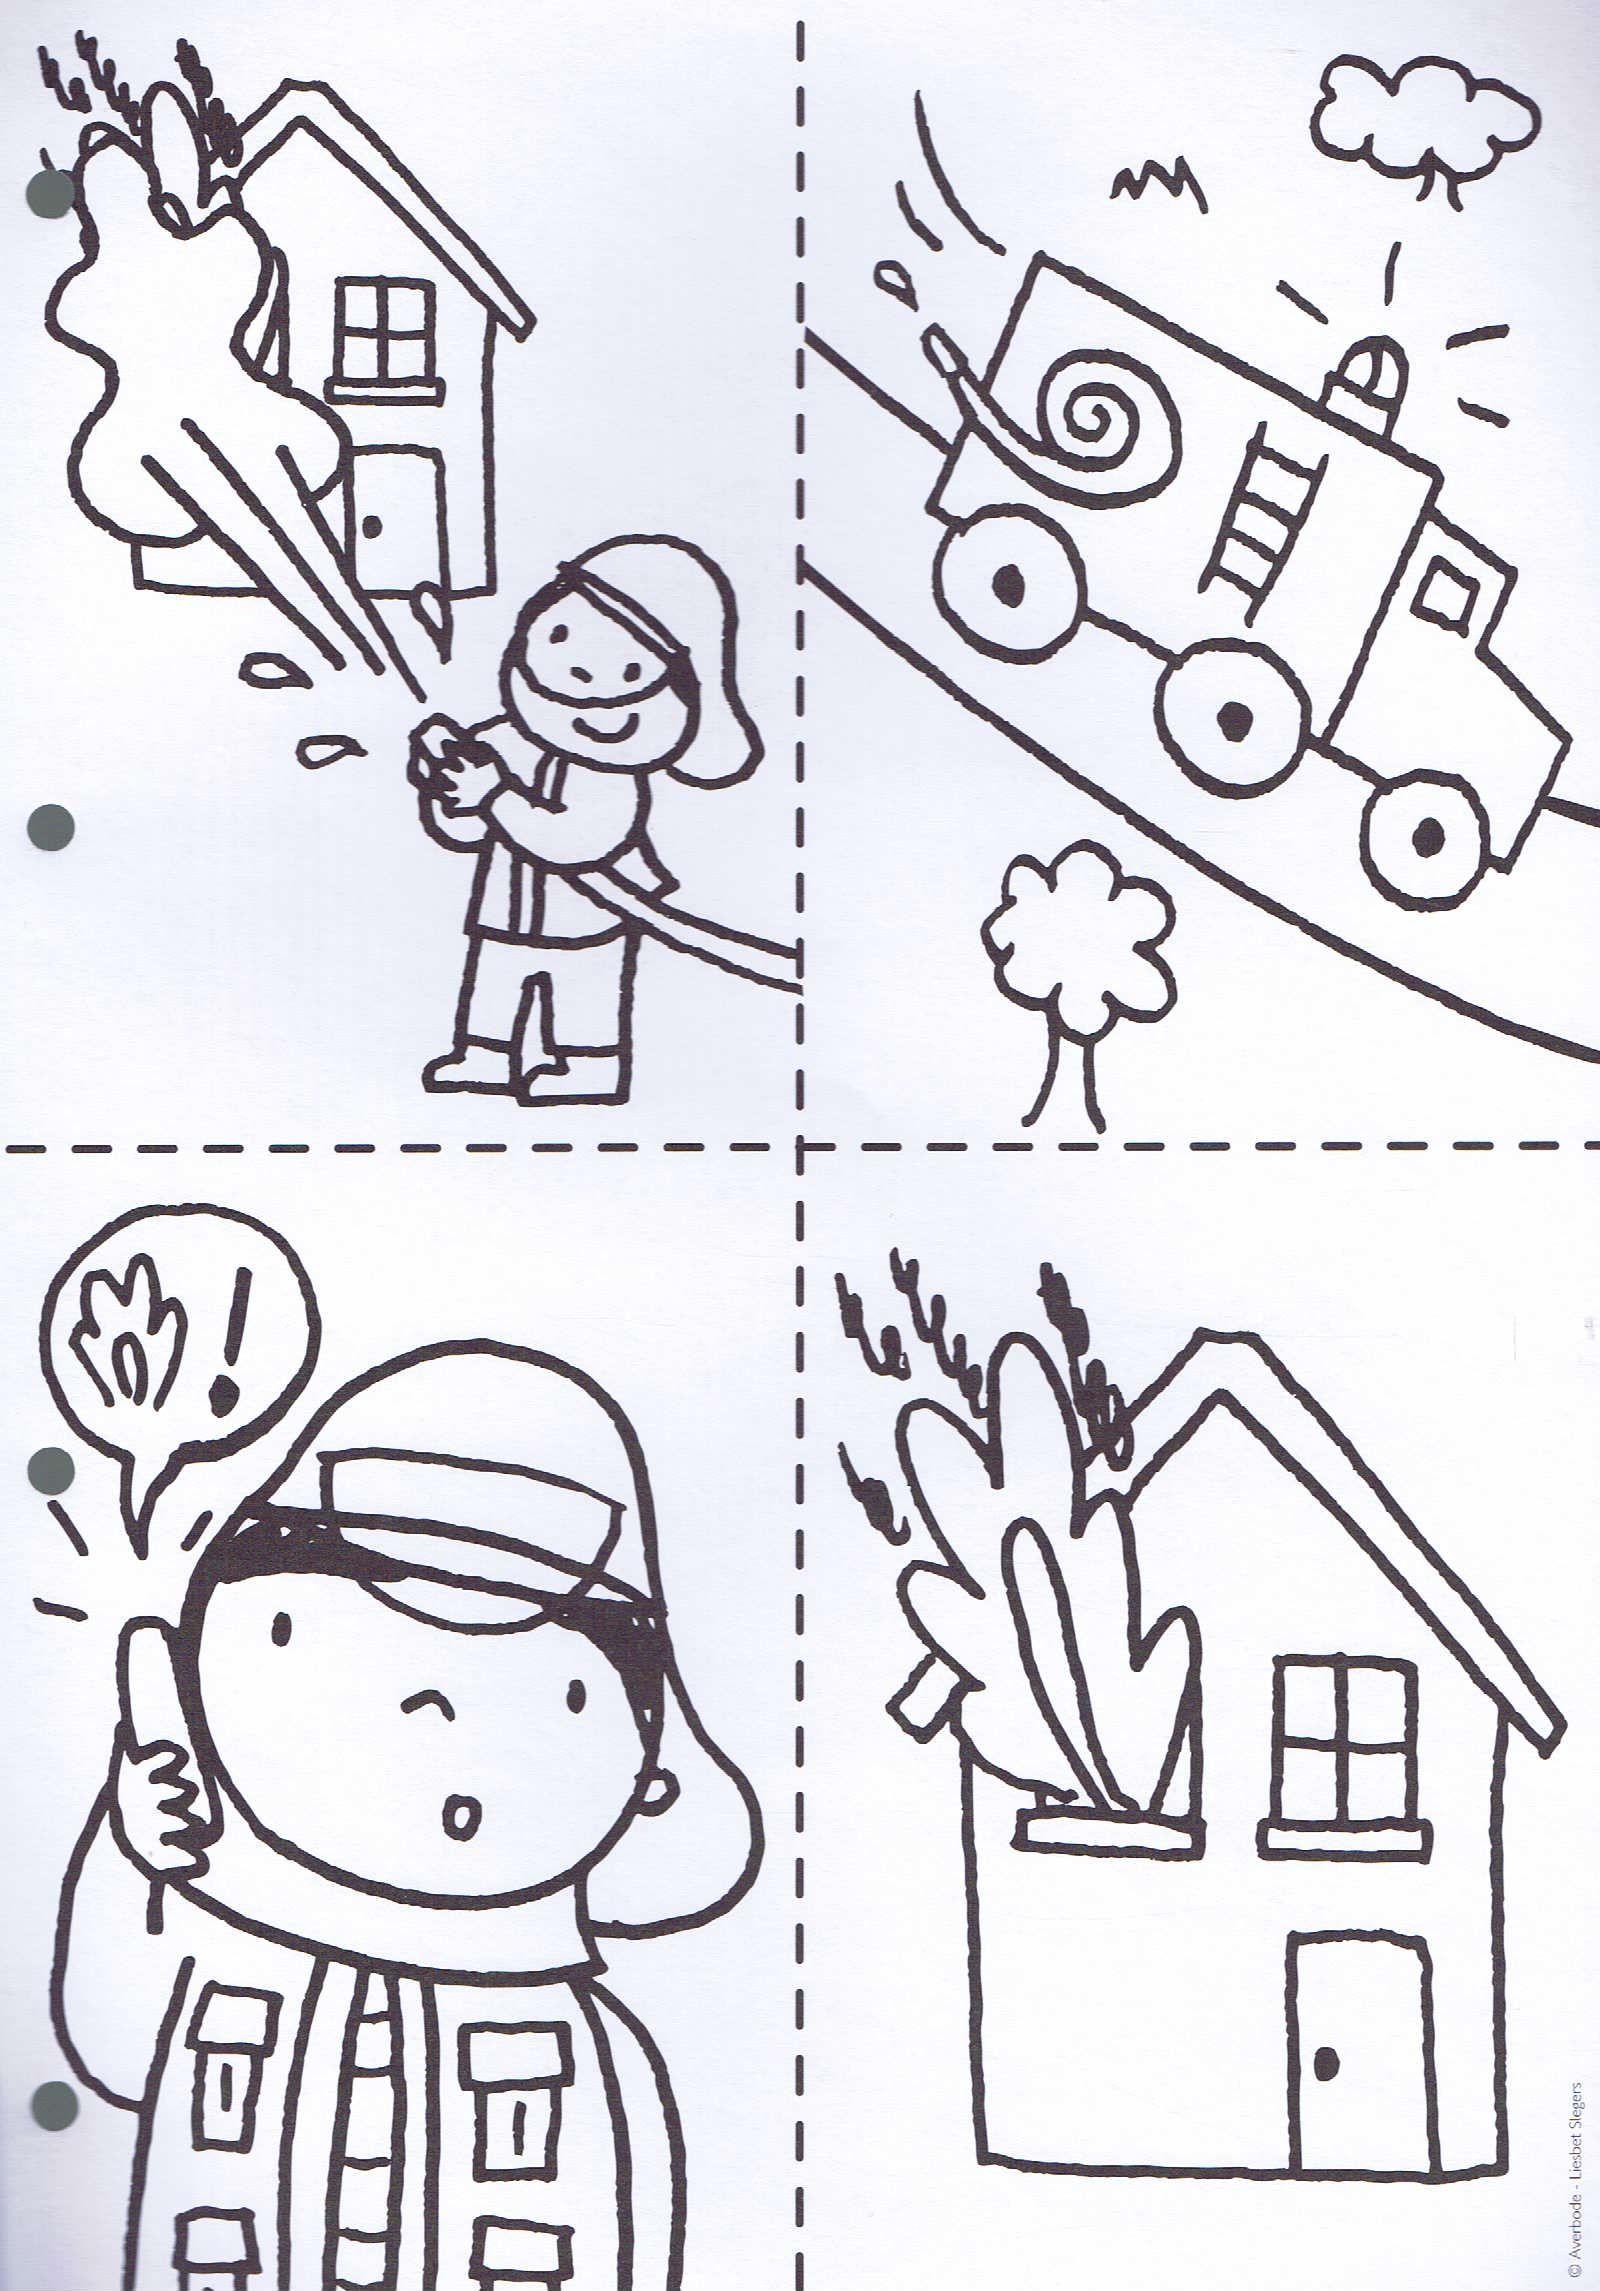 Pin von sandra gorissen auf BC Brandweer | Pinterest | Feuerwehr ...